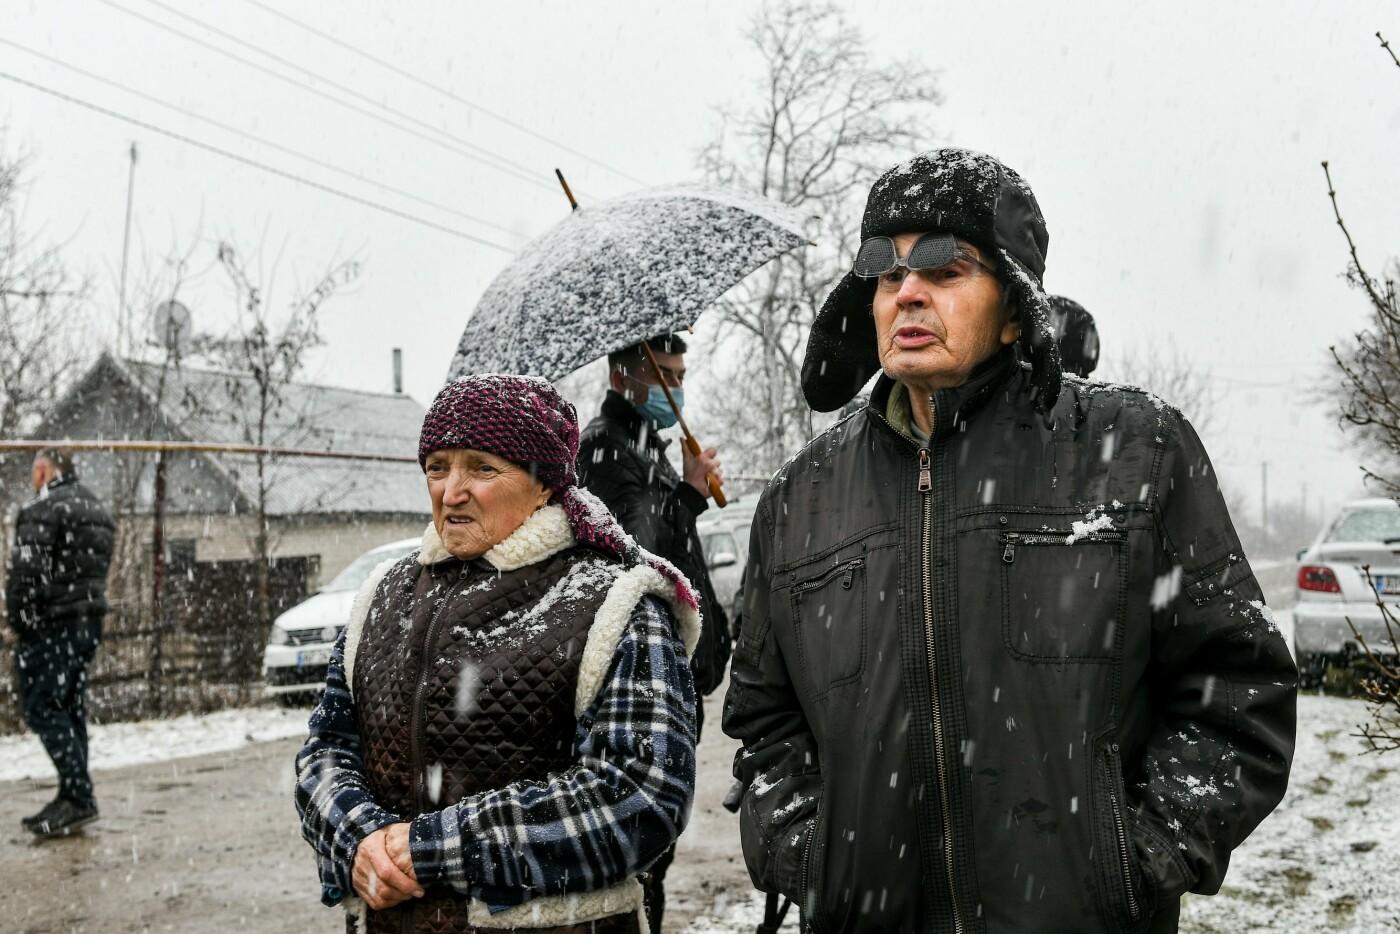 В Запорожской области эксперты по радиологии начали отбирать пробы в селе, где планируют построить каолиновый карьер, фото-2